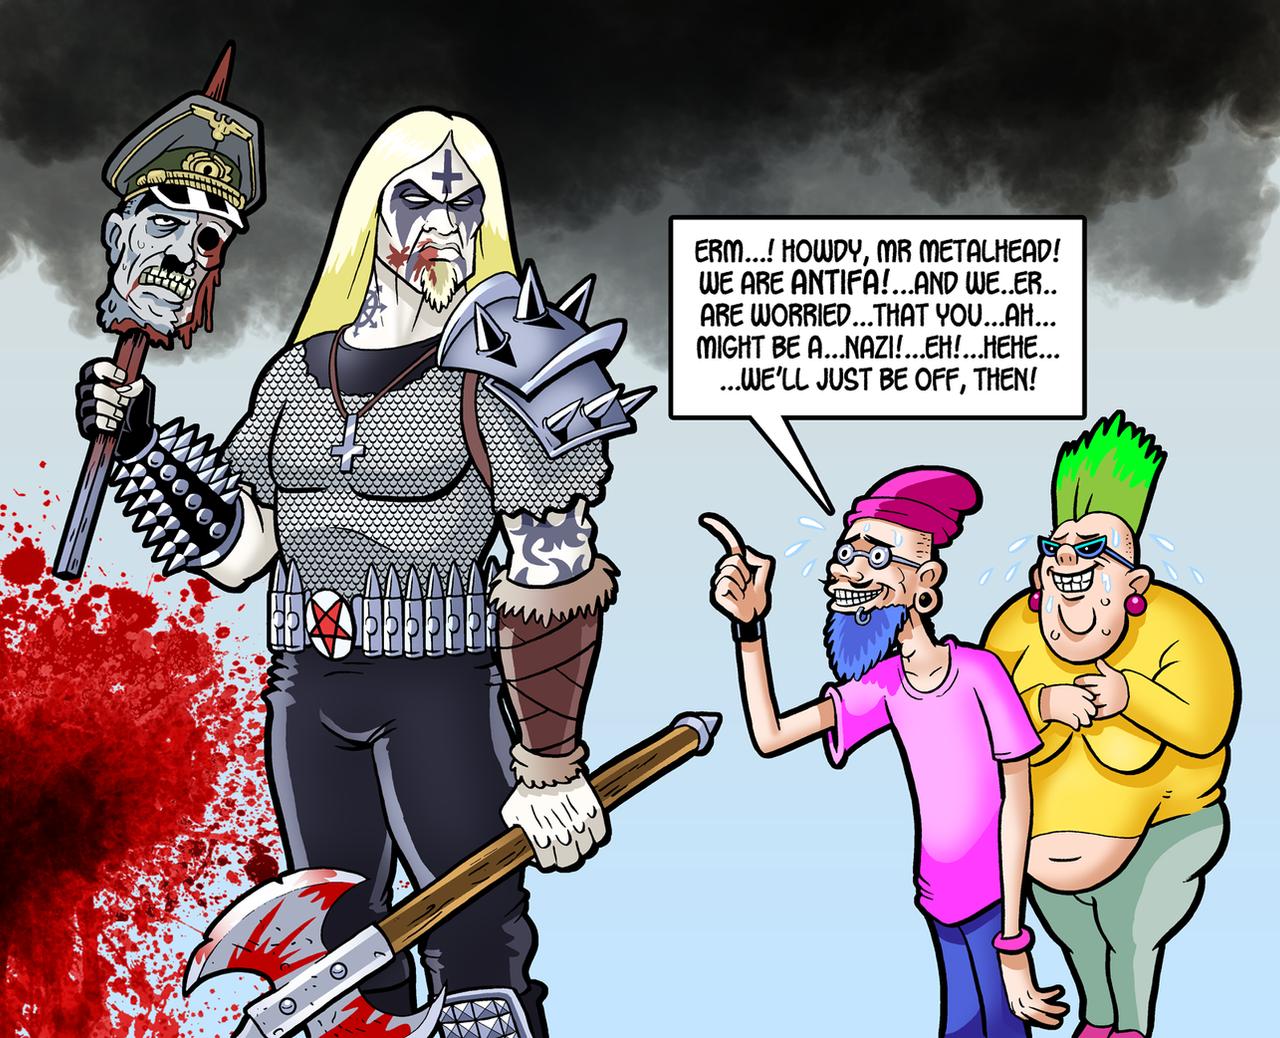 Metal Versus Social Justice by curtsibling